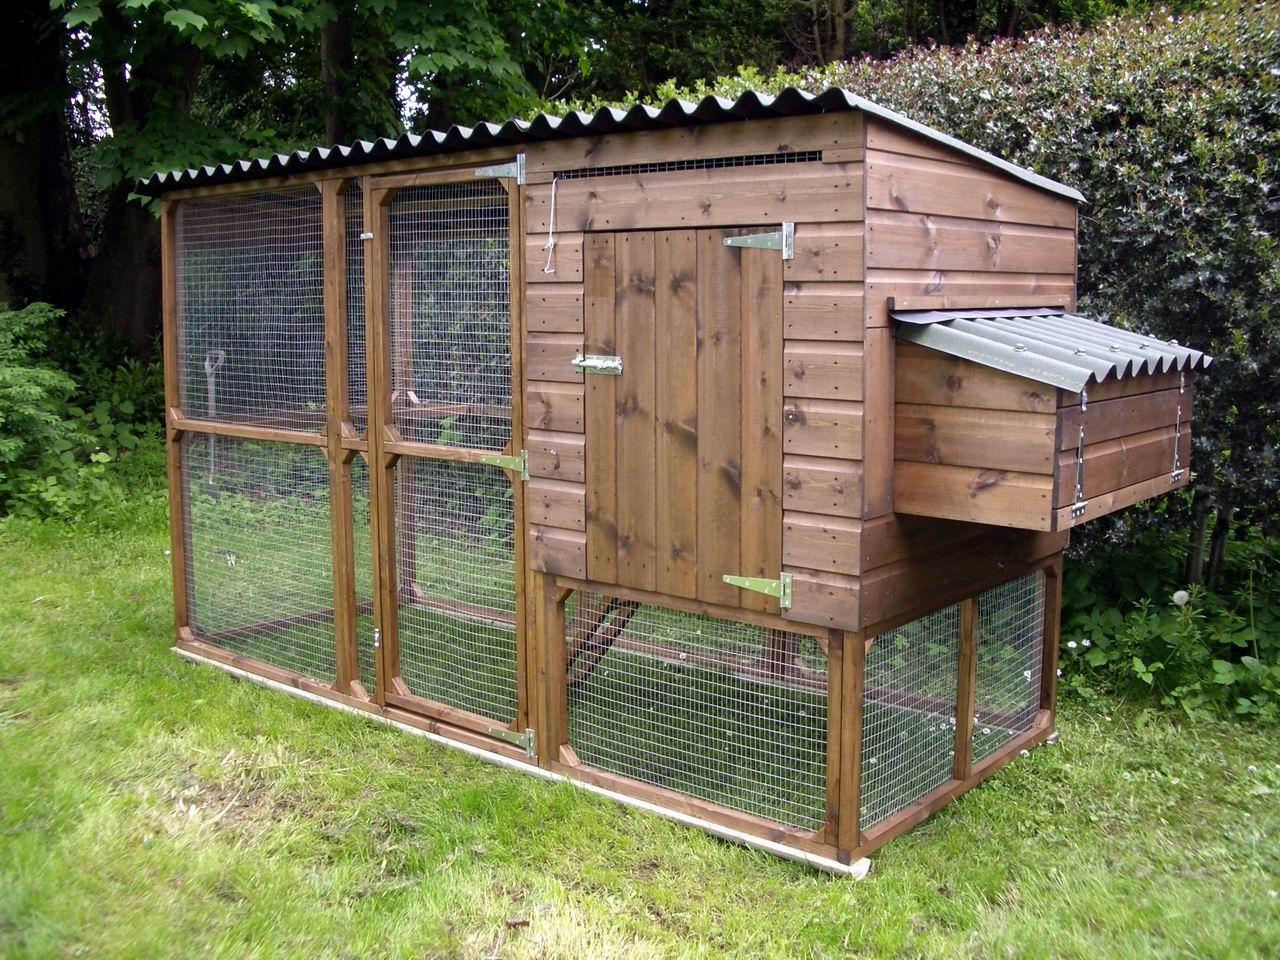 El blog de la elena un blog dulce divertido y for Simple chicken coop plans for 6 chickens